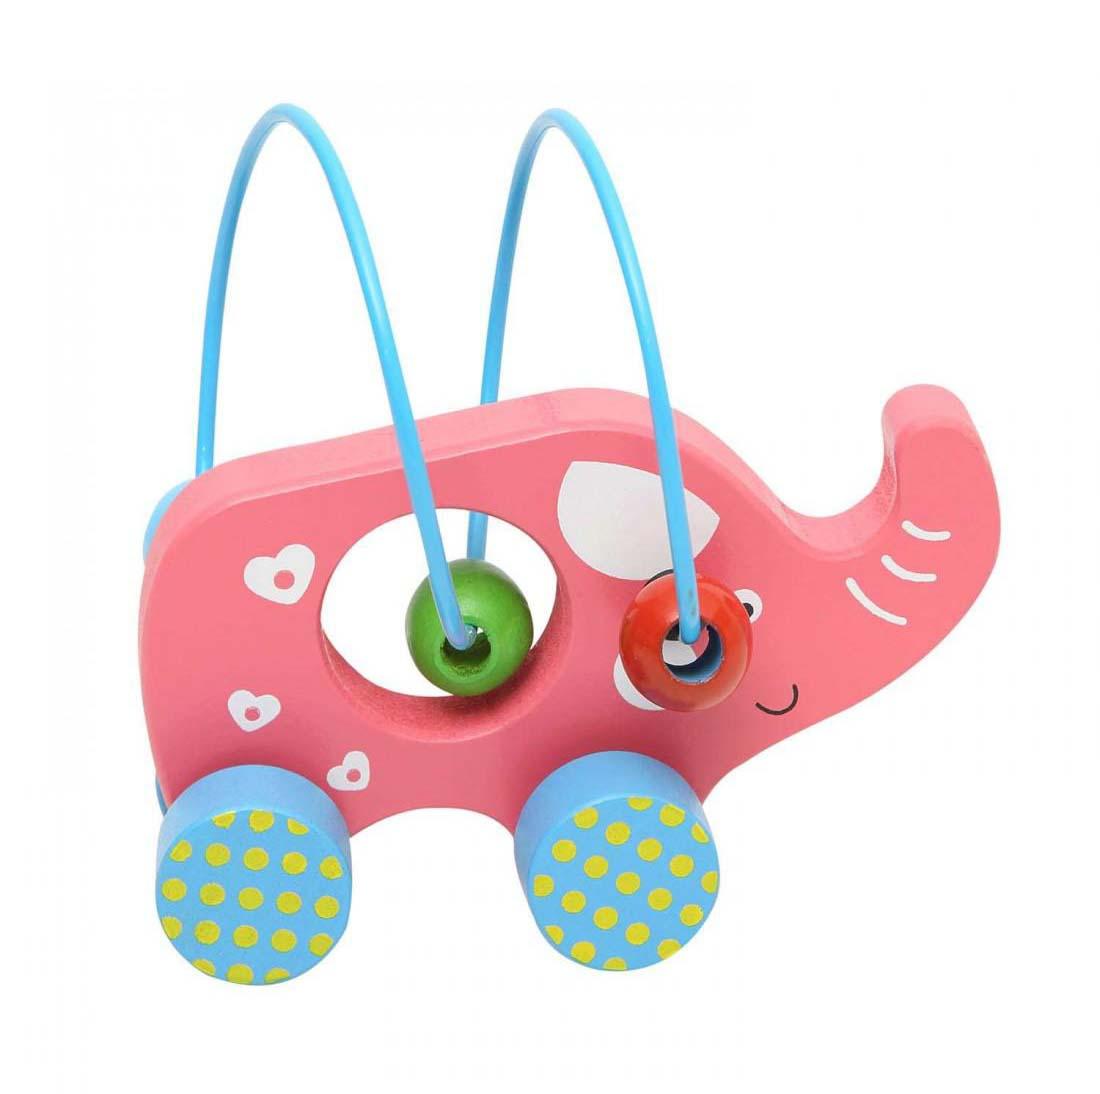 Juguete Didactico Elefante Baby Way